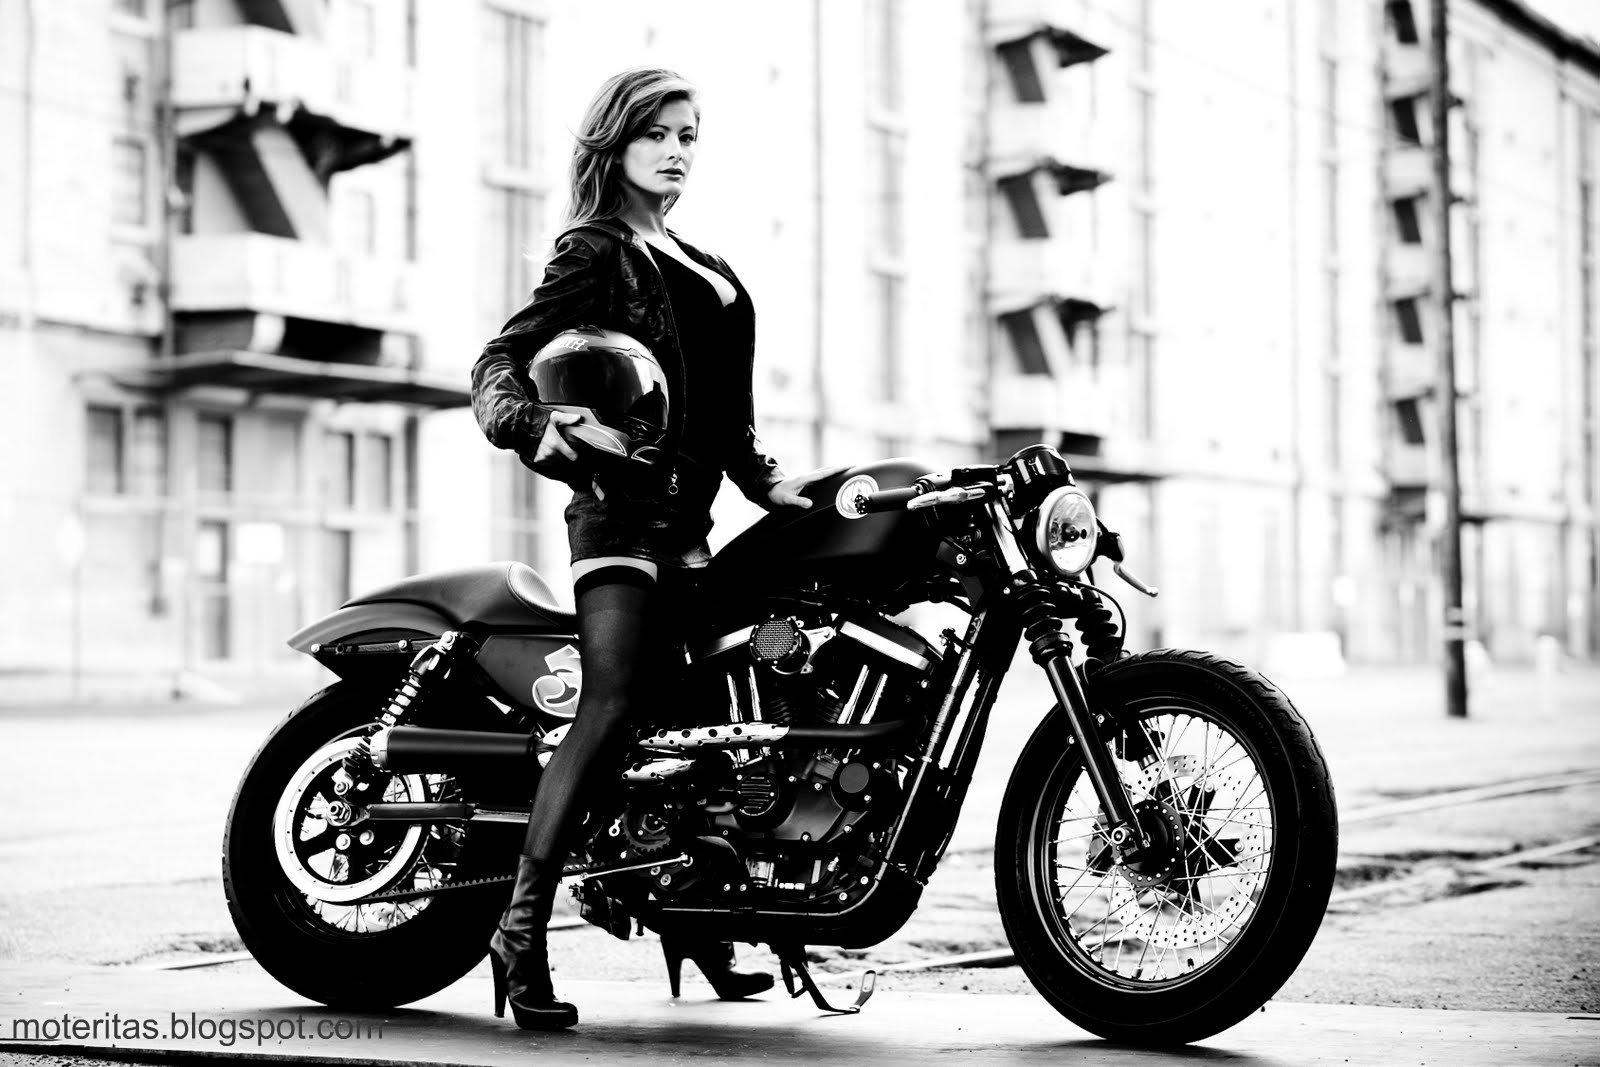 Harley Davidson XL 1200 Sportster Nightster 1600x1067